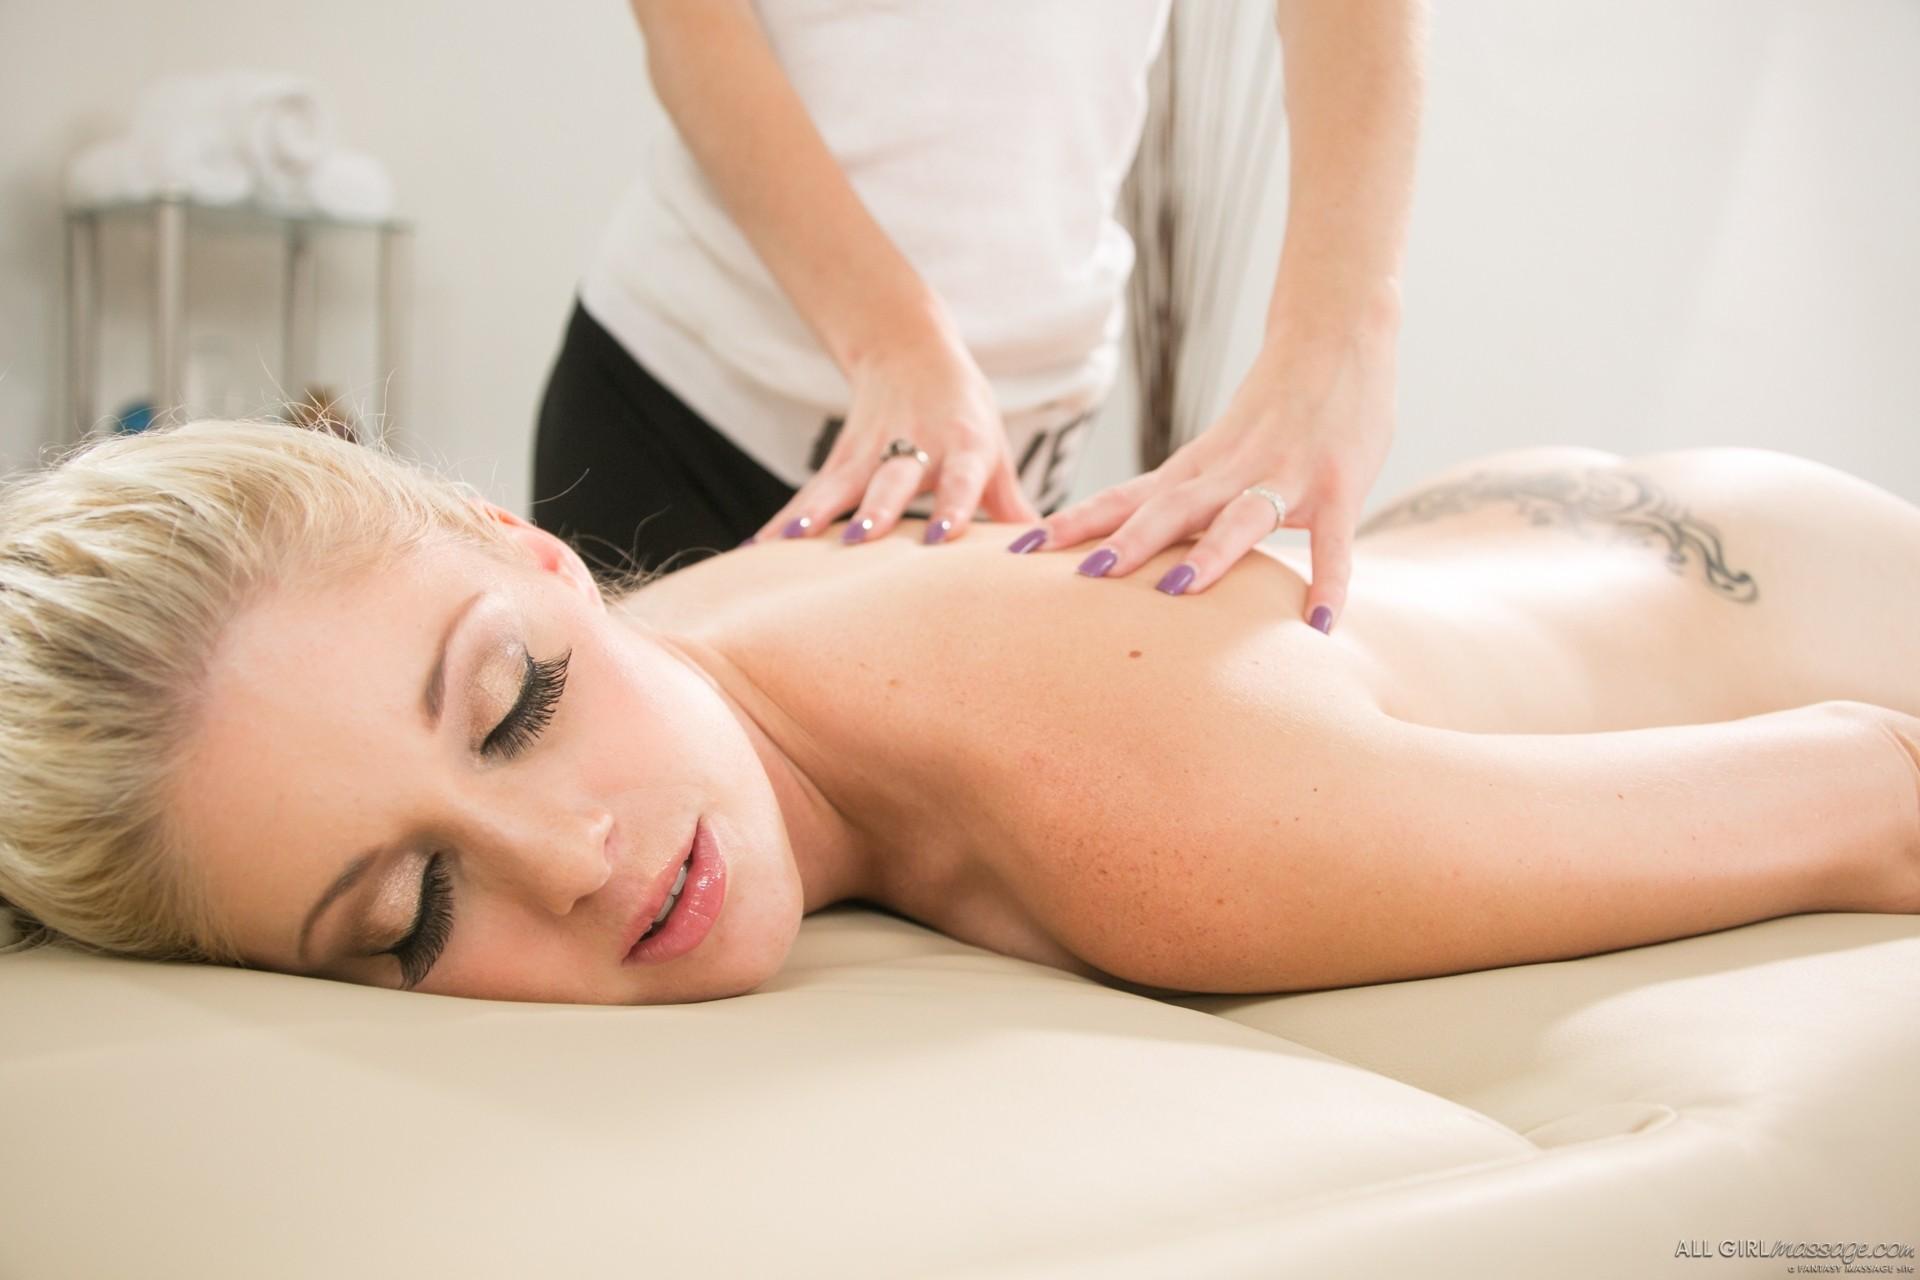 Шарлотта Стокли и Лола Хантер любит делать массаж, но не спины, а бритых вагин с помощью языка